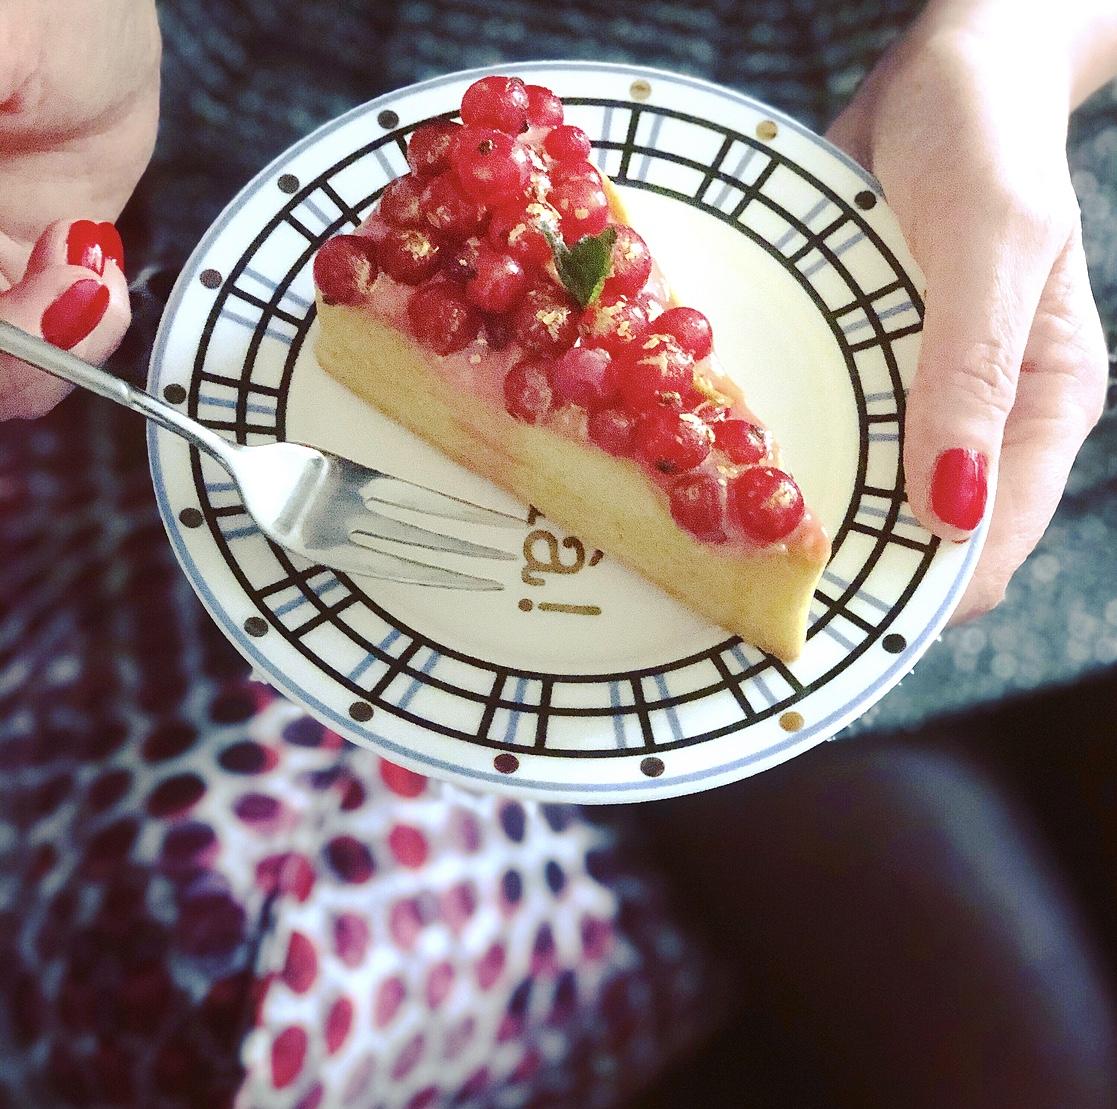 crostata con ribes e crema pasticcera colorata